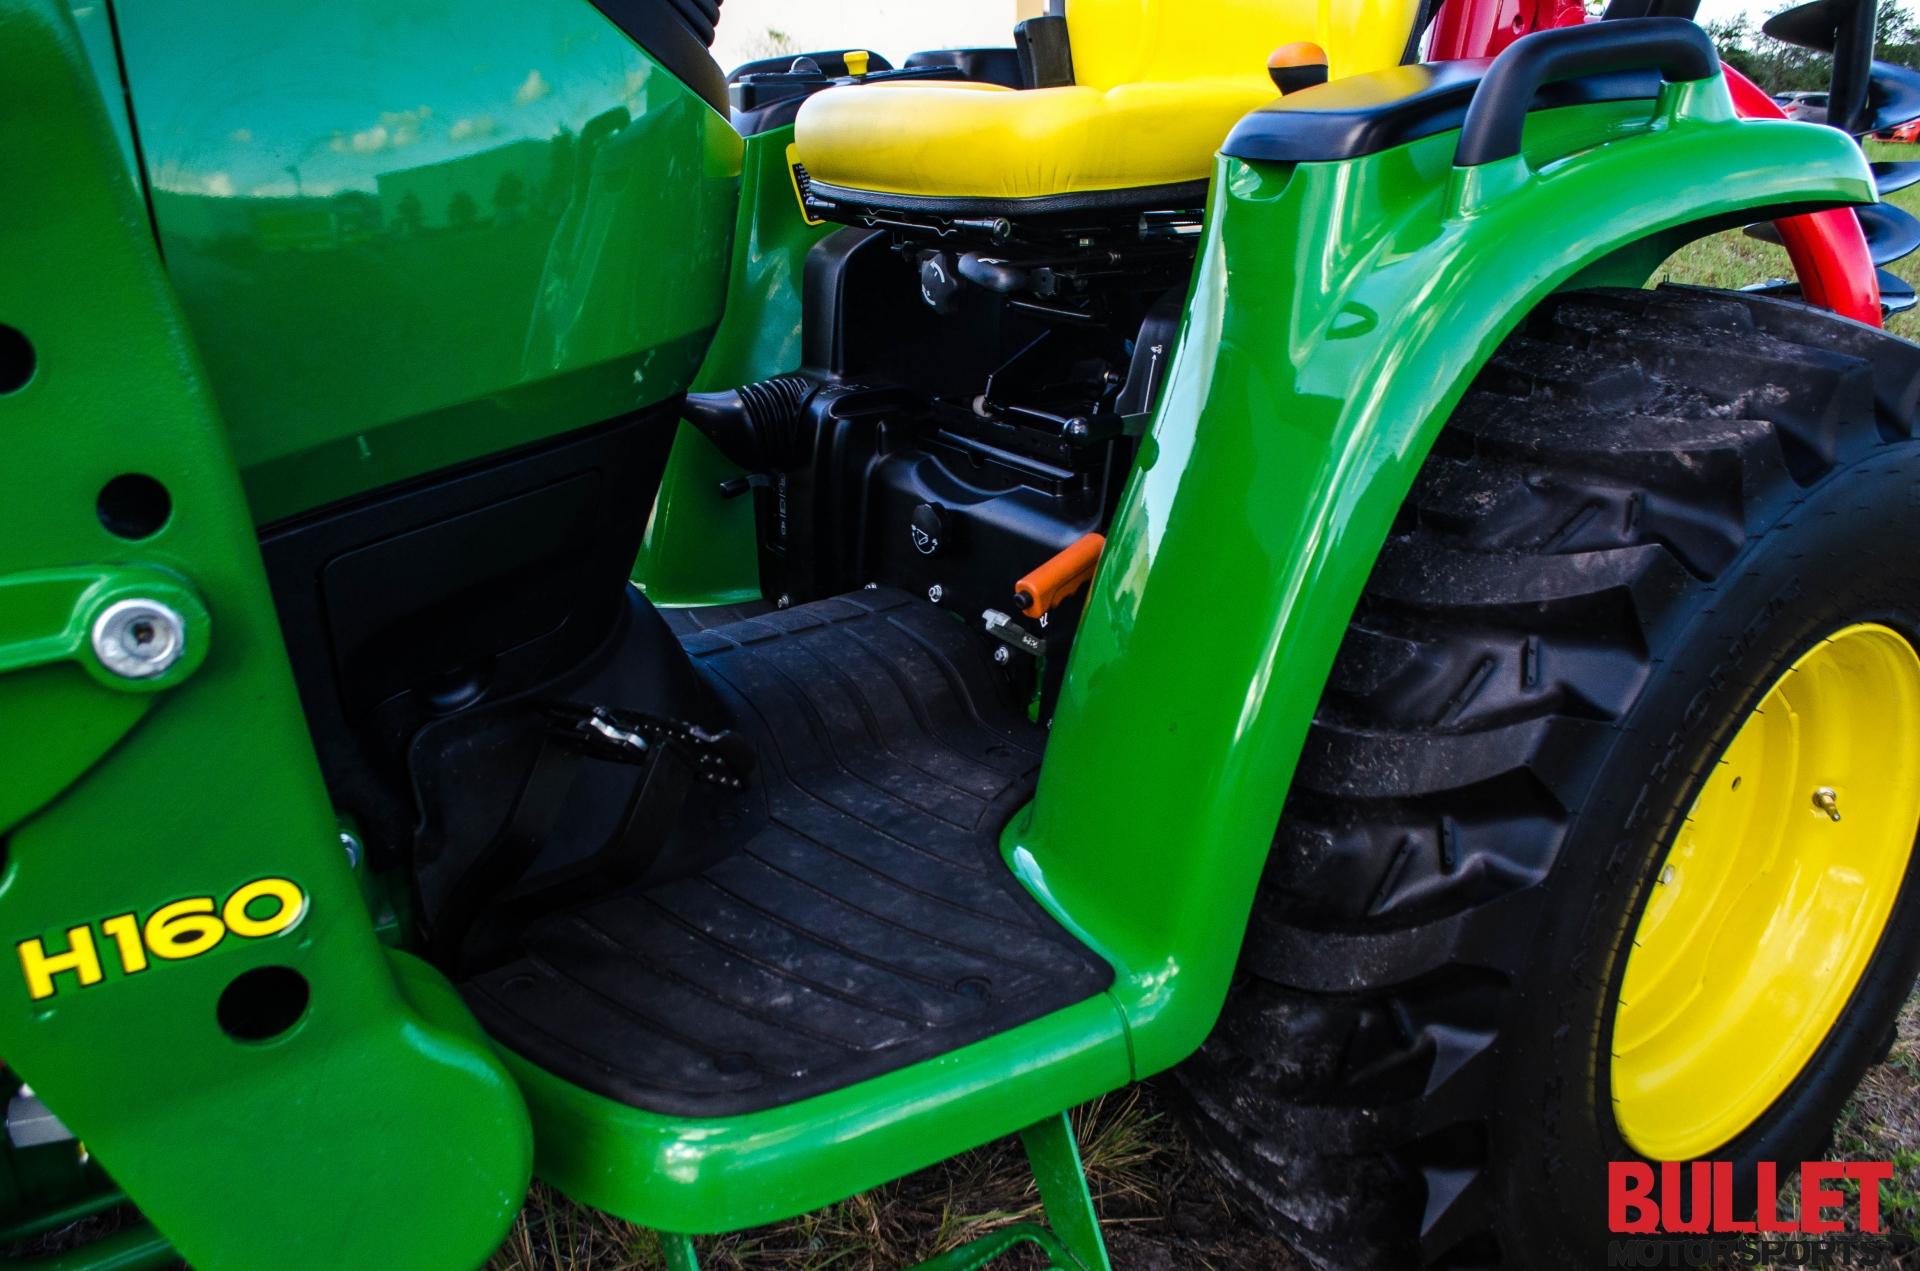 2015 John Deere 3046R Tractor - Bullet Motorsports